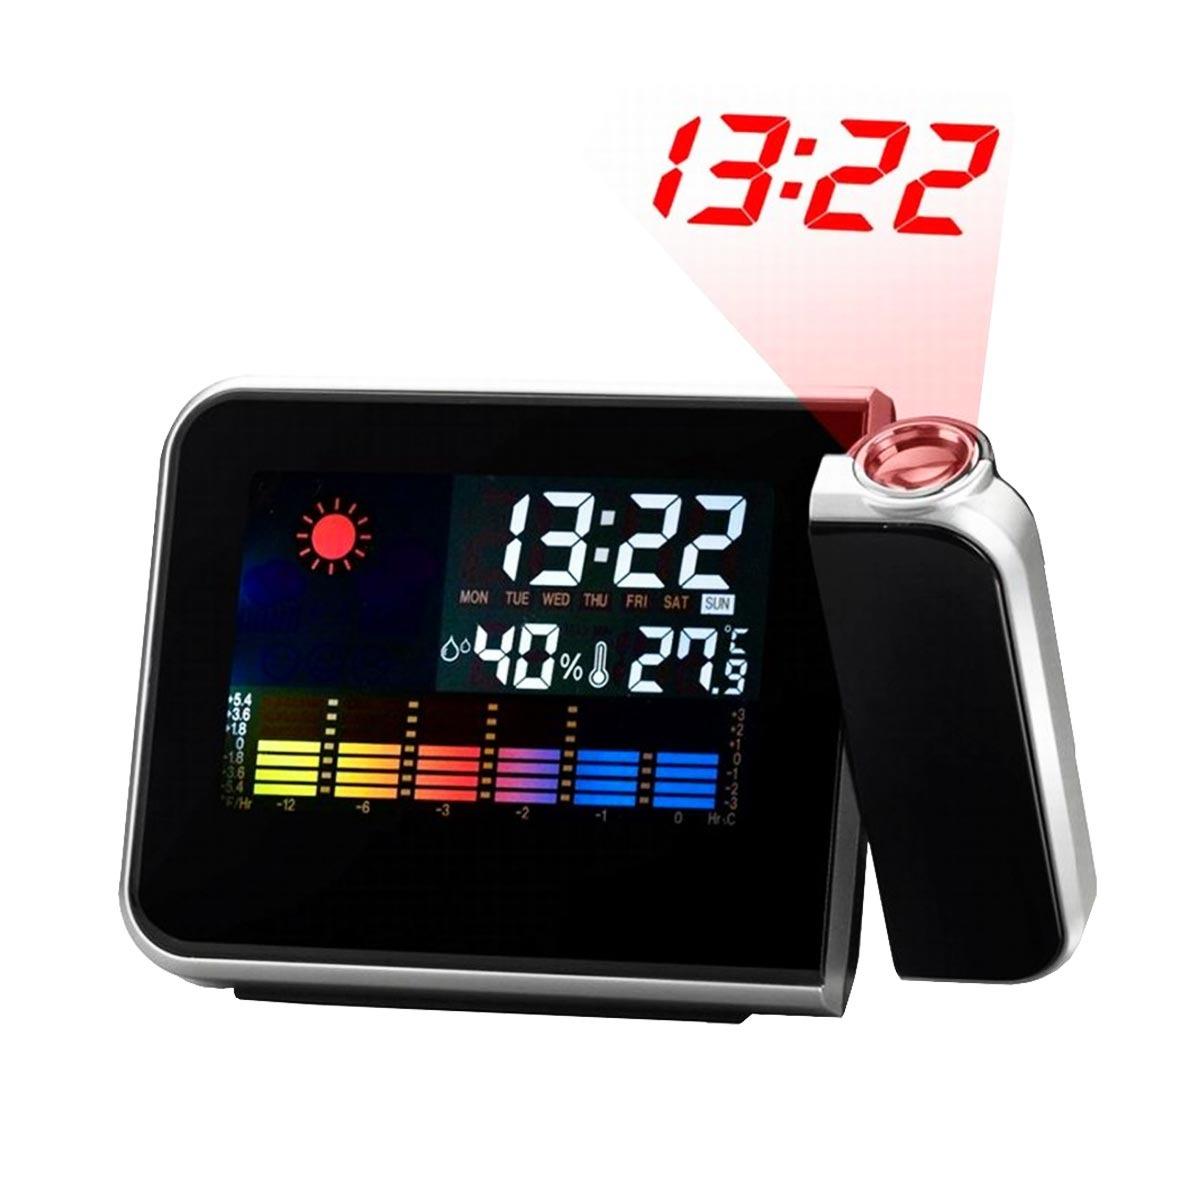 952bde23508 despertador digital ds8190 prata com projetor de horas. Carregando zoom.